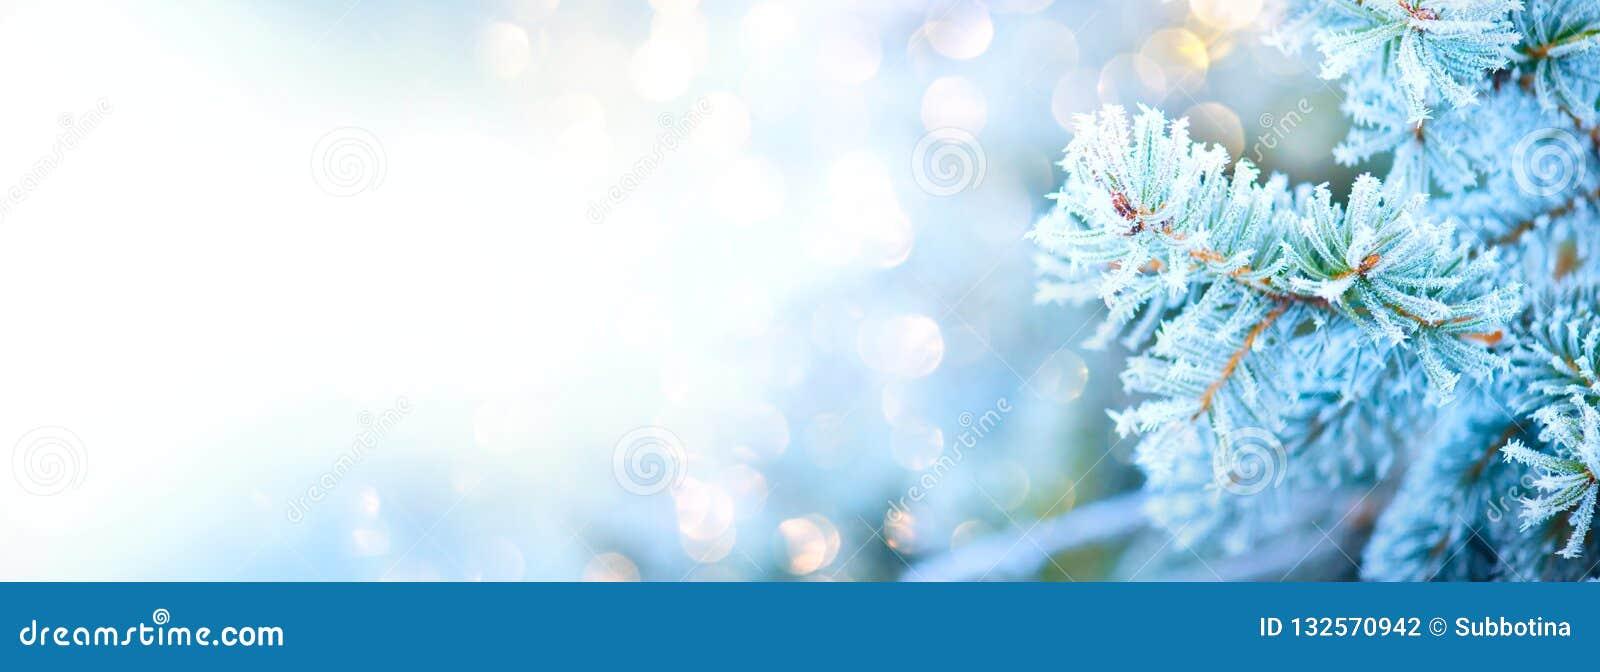 Предпосылка снега праздника дерева зимы Дизайн искусства границы голубые спрус, дерево рождества и Нового Года, абстрактный голуб